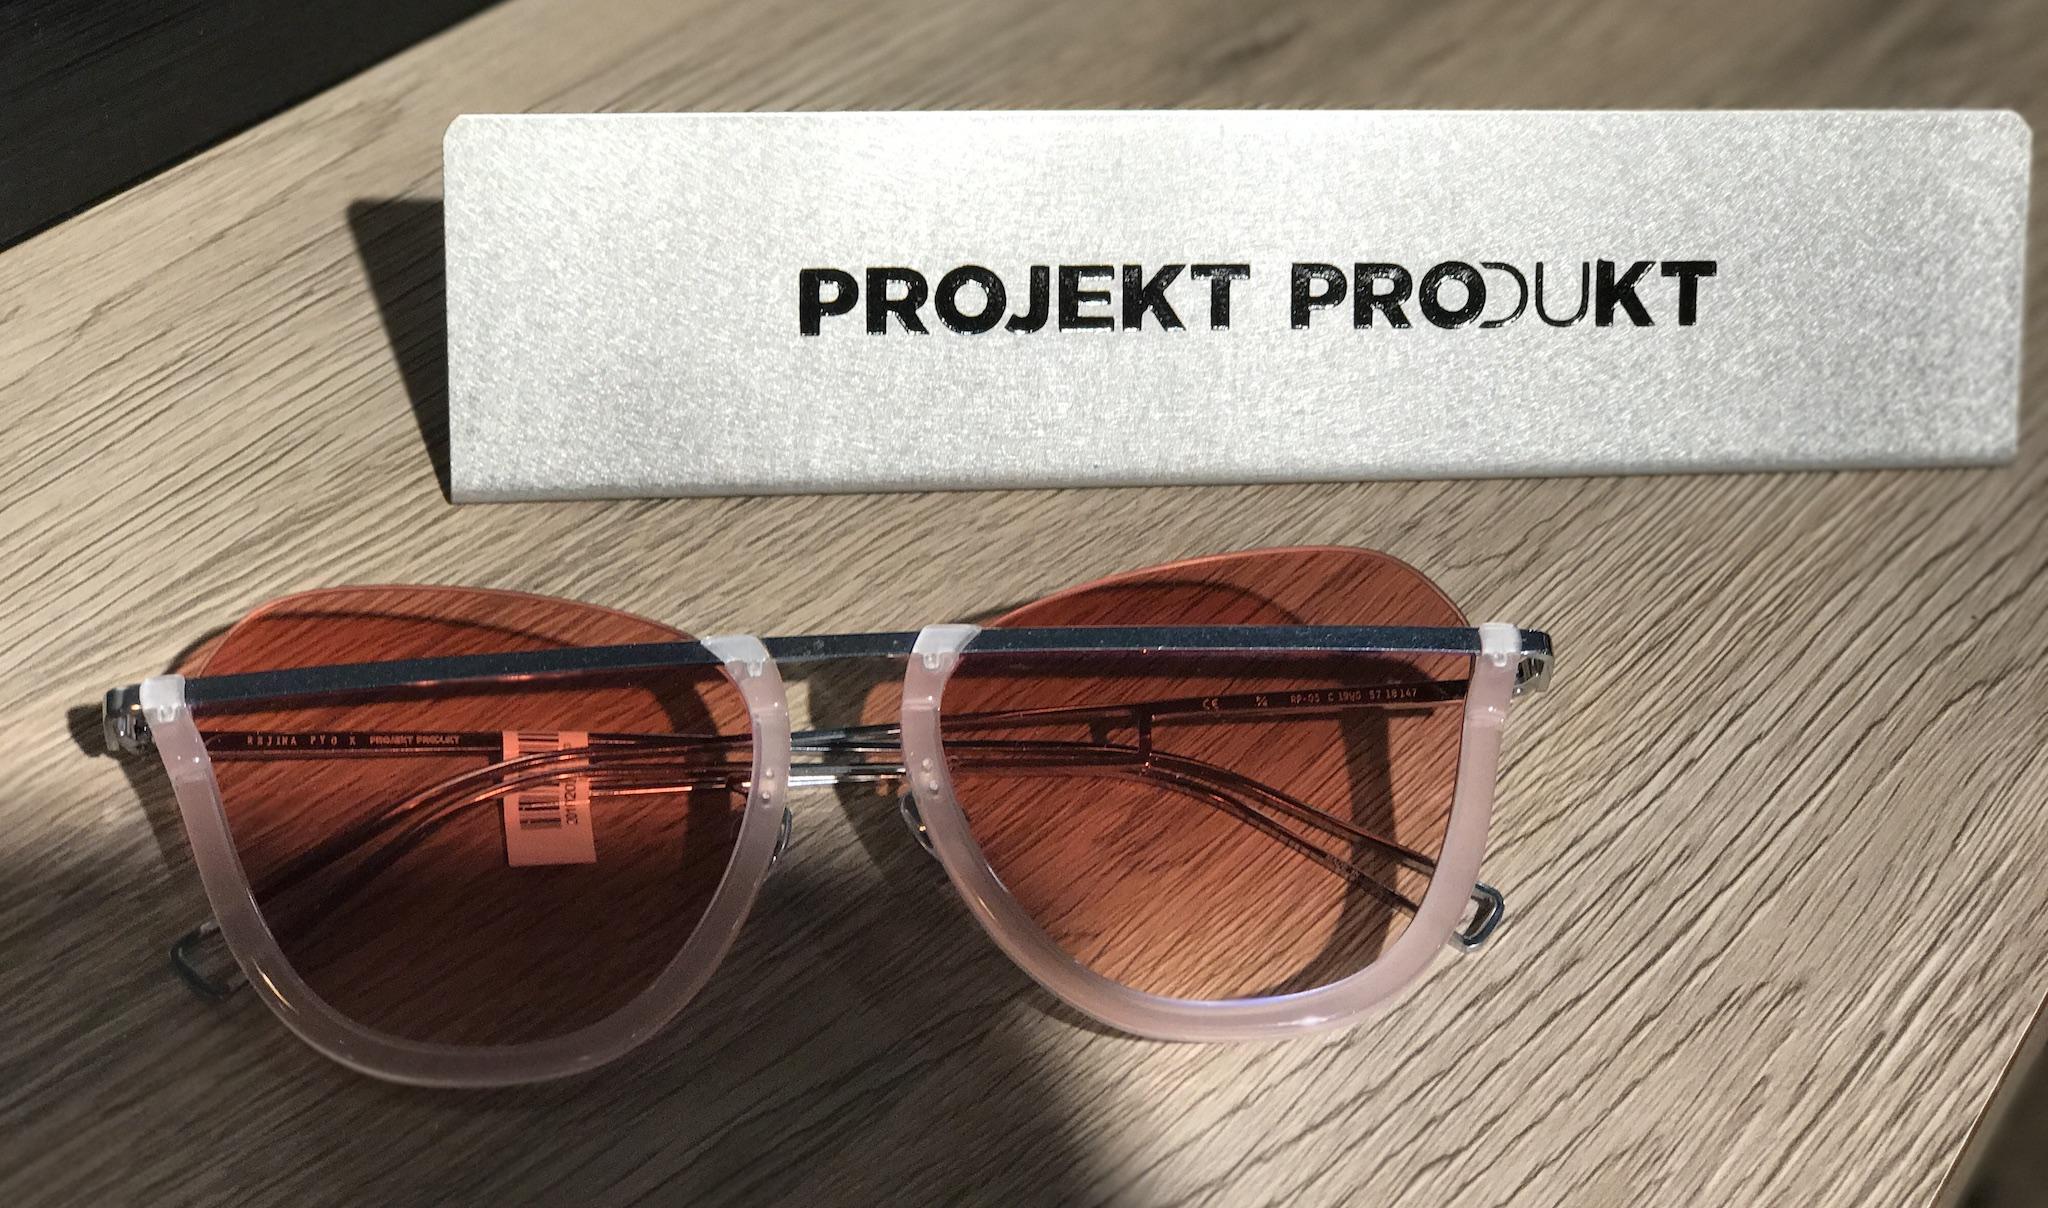 Optik Scharnagl Sölden, Optiker Sölden, außergewöhnliche Sonnenbrillen, Projekt Produkt Sonnenbrille, Fashion-Blog, Lieblingsstil.com